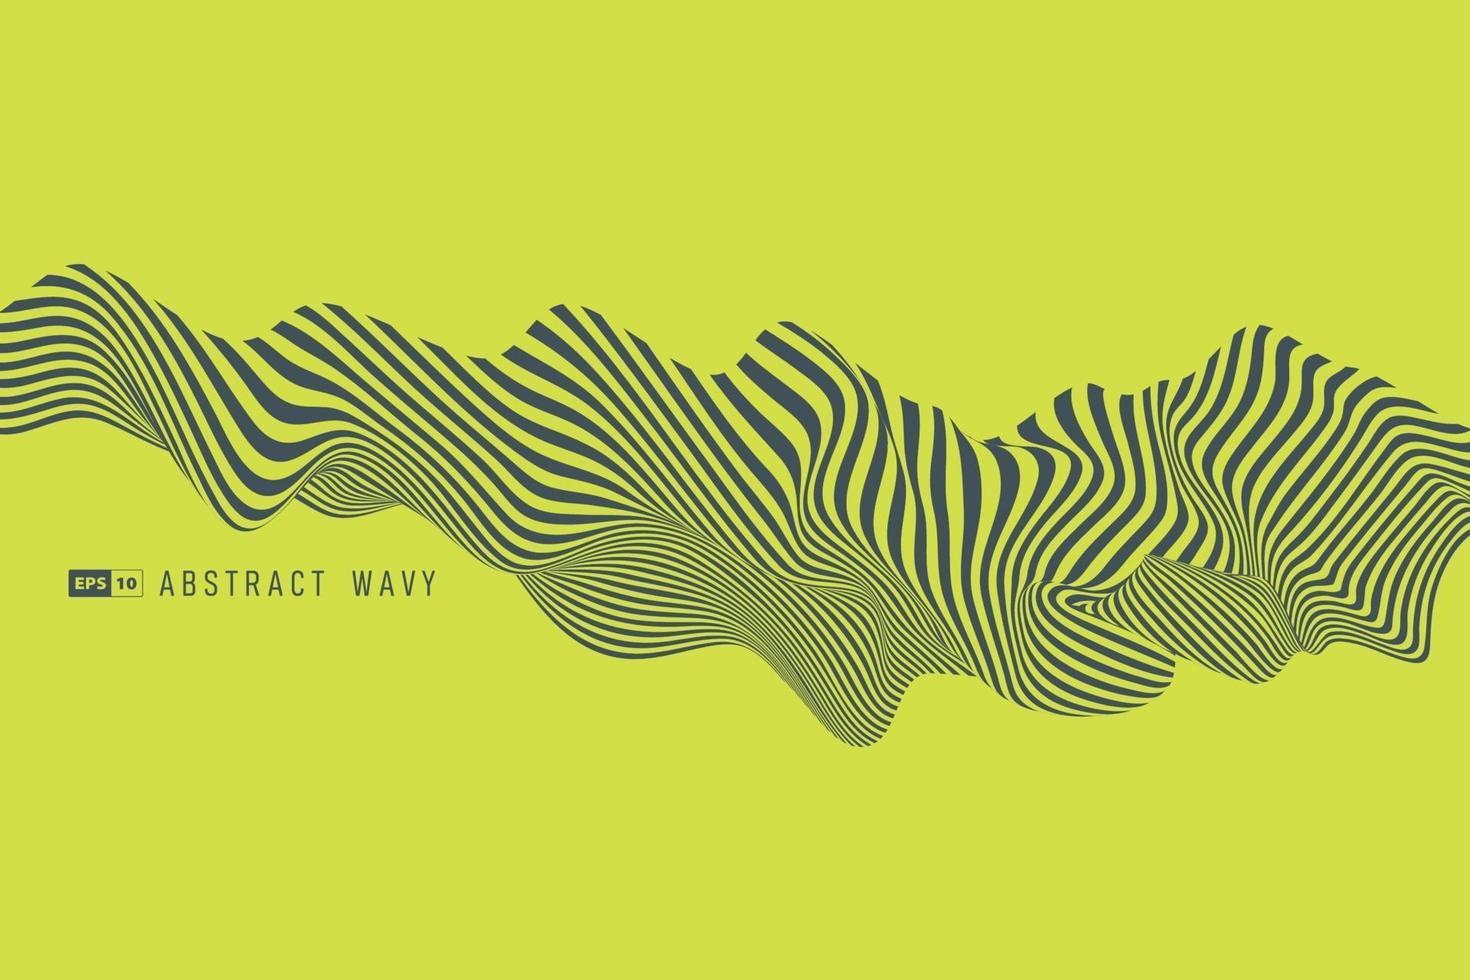 abstrakter trendiger grüner Wellenmusterentwurfskunstwerkhintergrund. Illustrationsvektor eps10 vektor